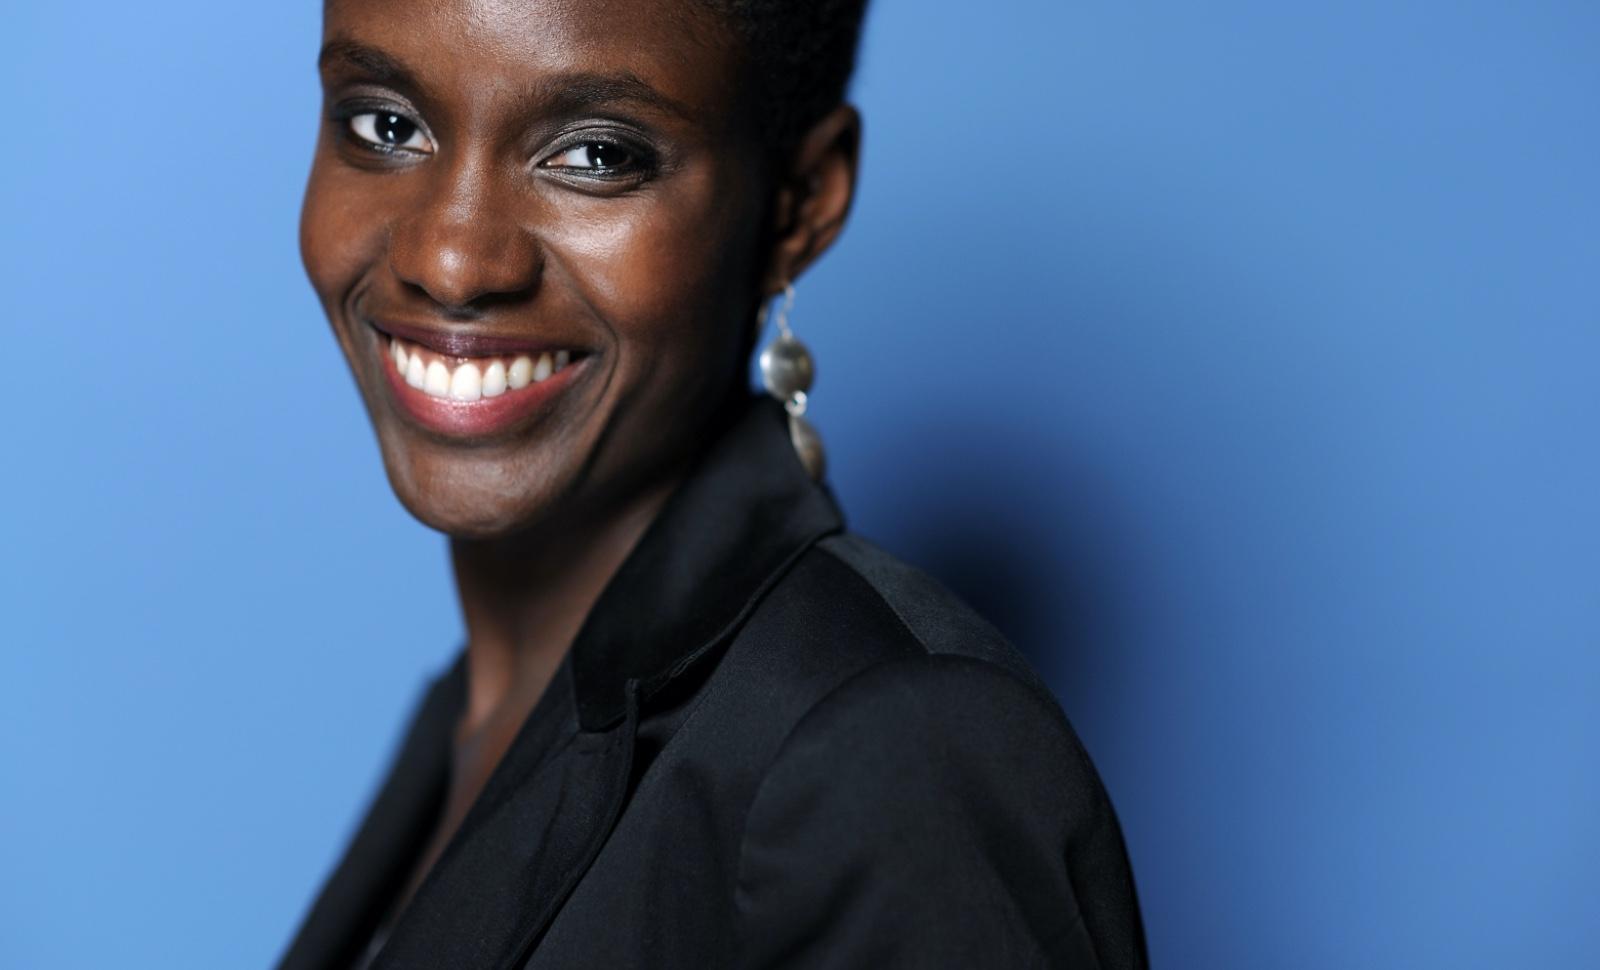 Rokhaya Diallo le 9 octobre 2009. © BALTEL/ SIPA Numéro de reportage : 00953270_000072